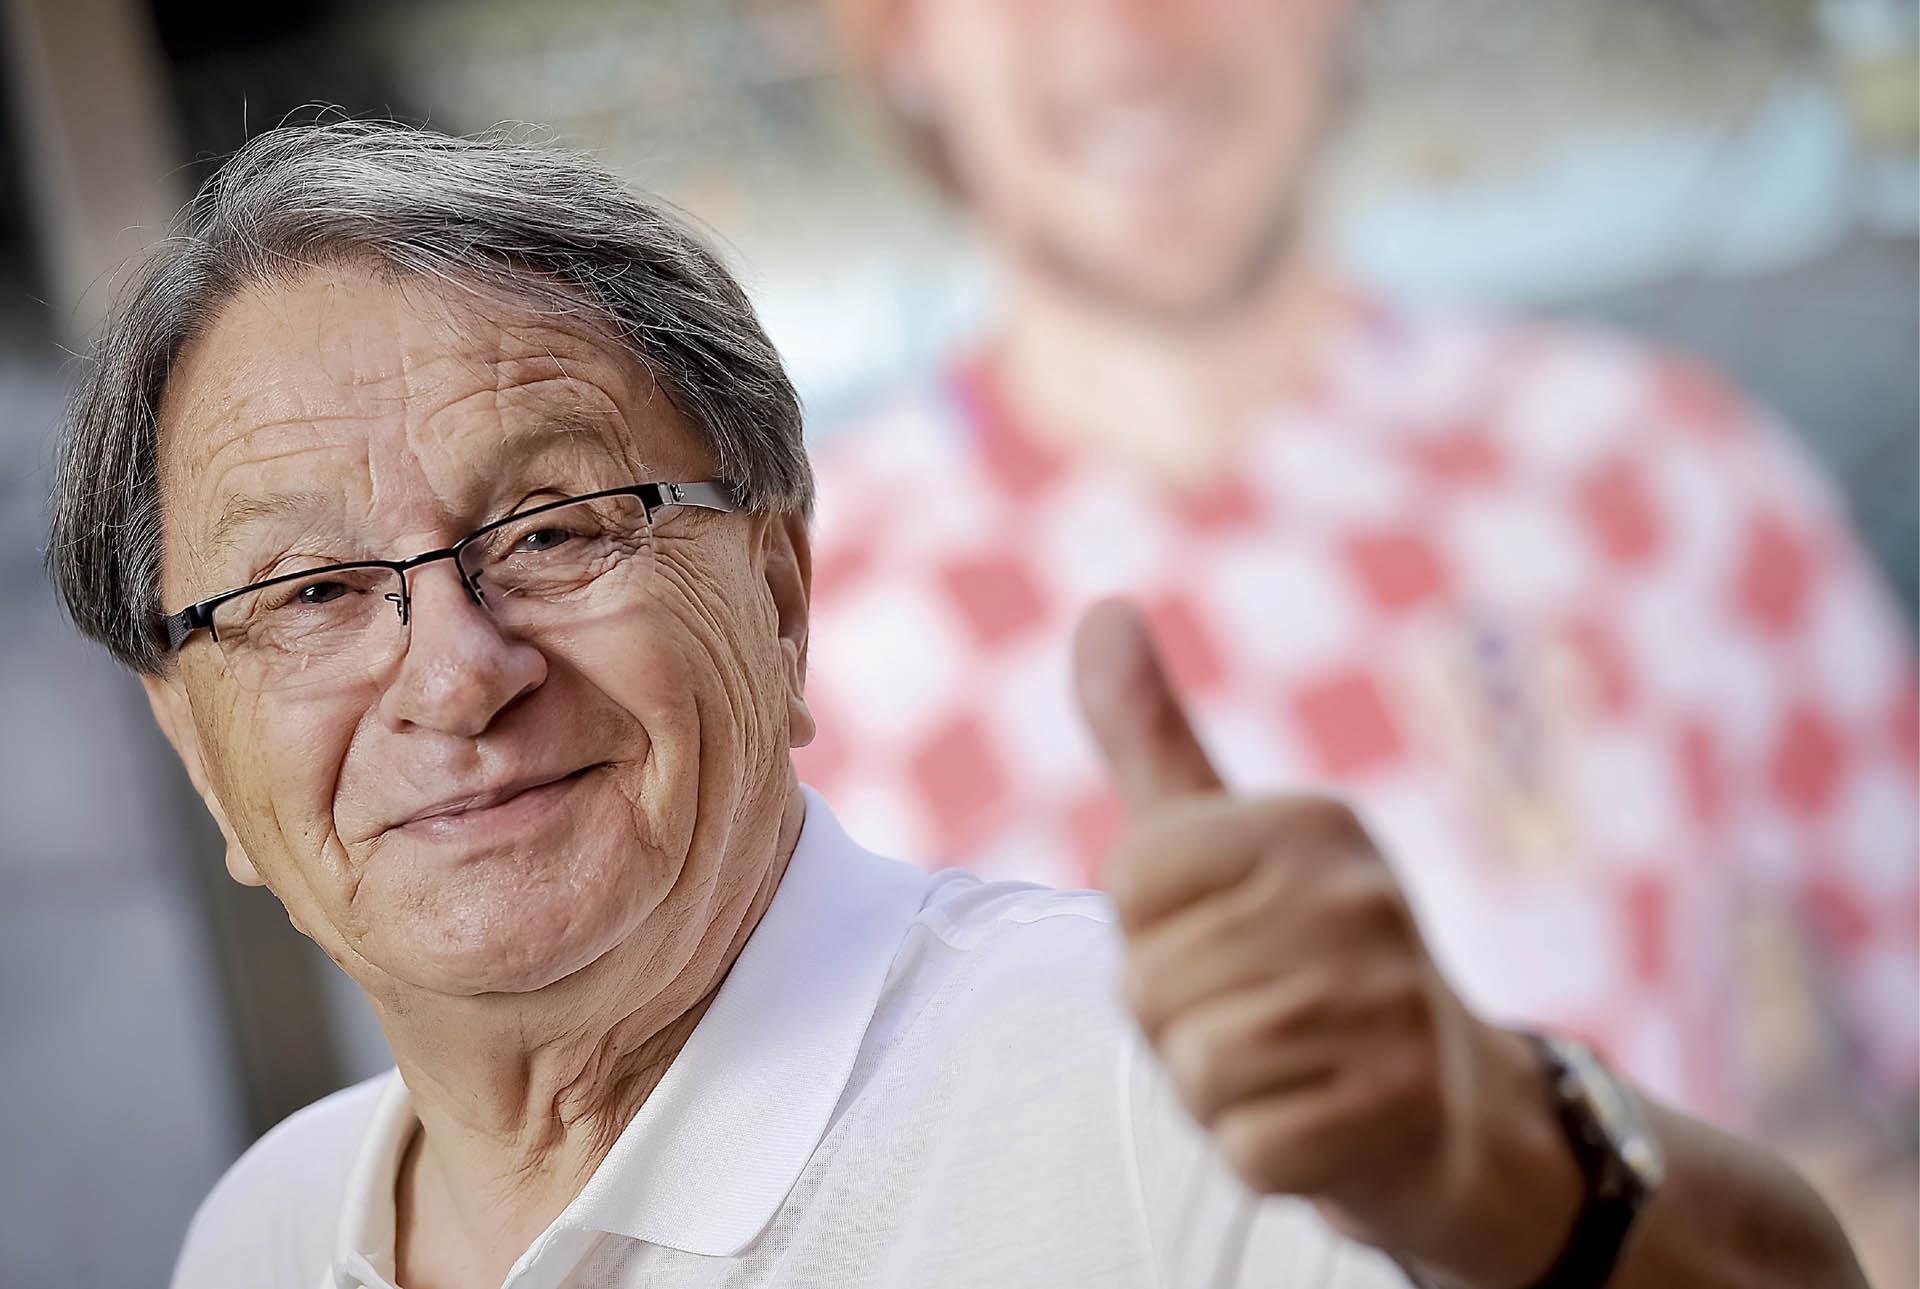 Ćiro Blažević: 'Plenković nije shvatio da je nogomet važniji od Agrokora'